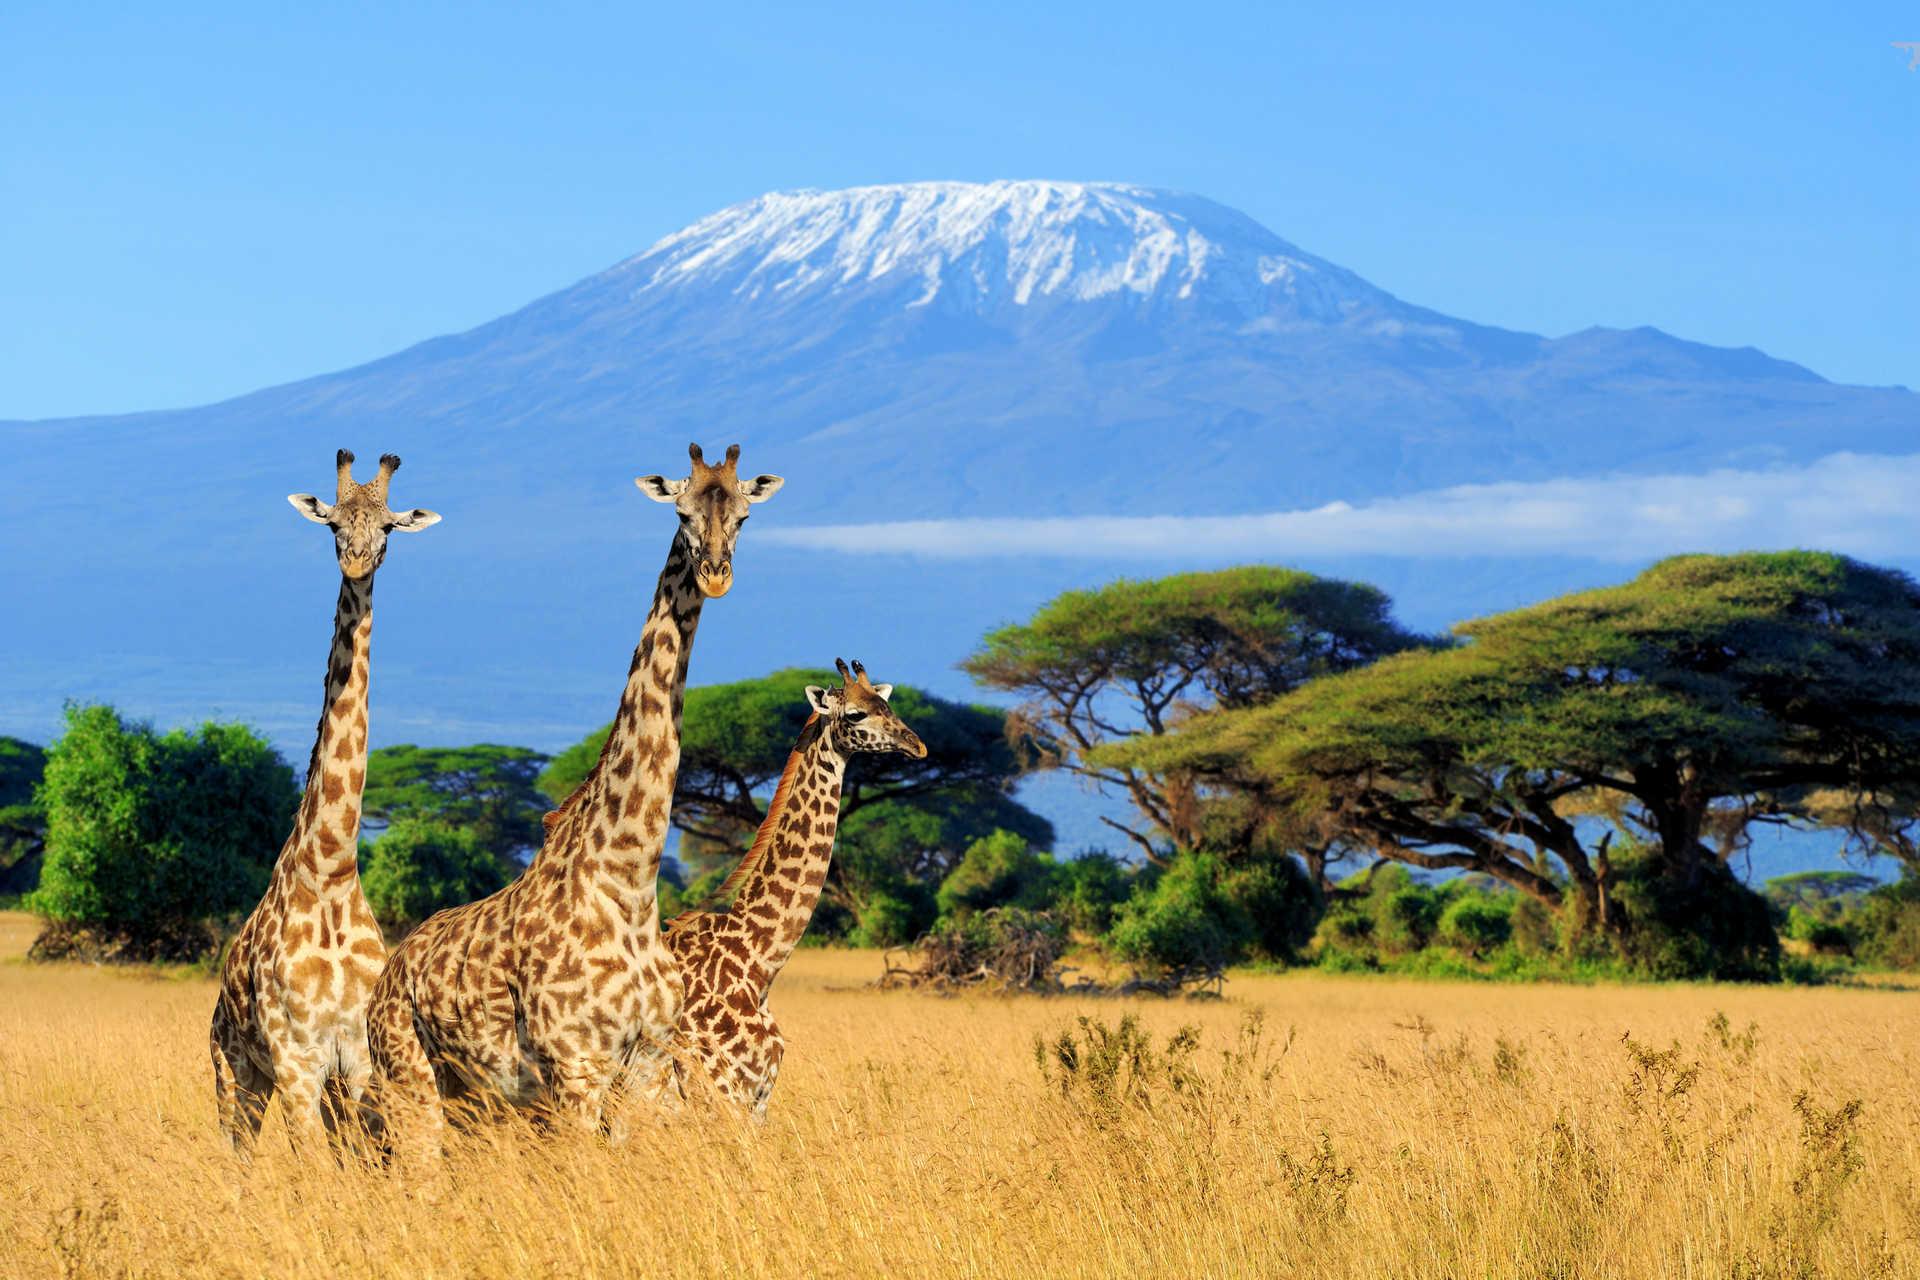 Фототур в Африку: Занзибар, масаи и нацпарки Танзании